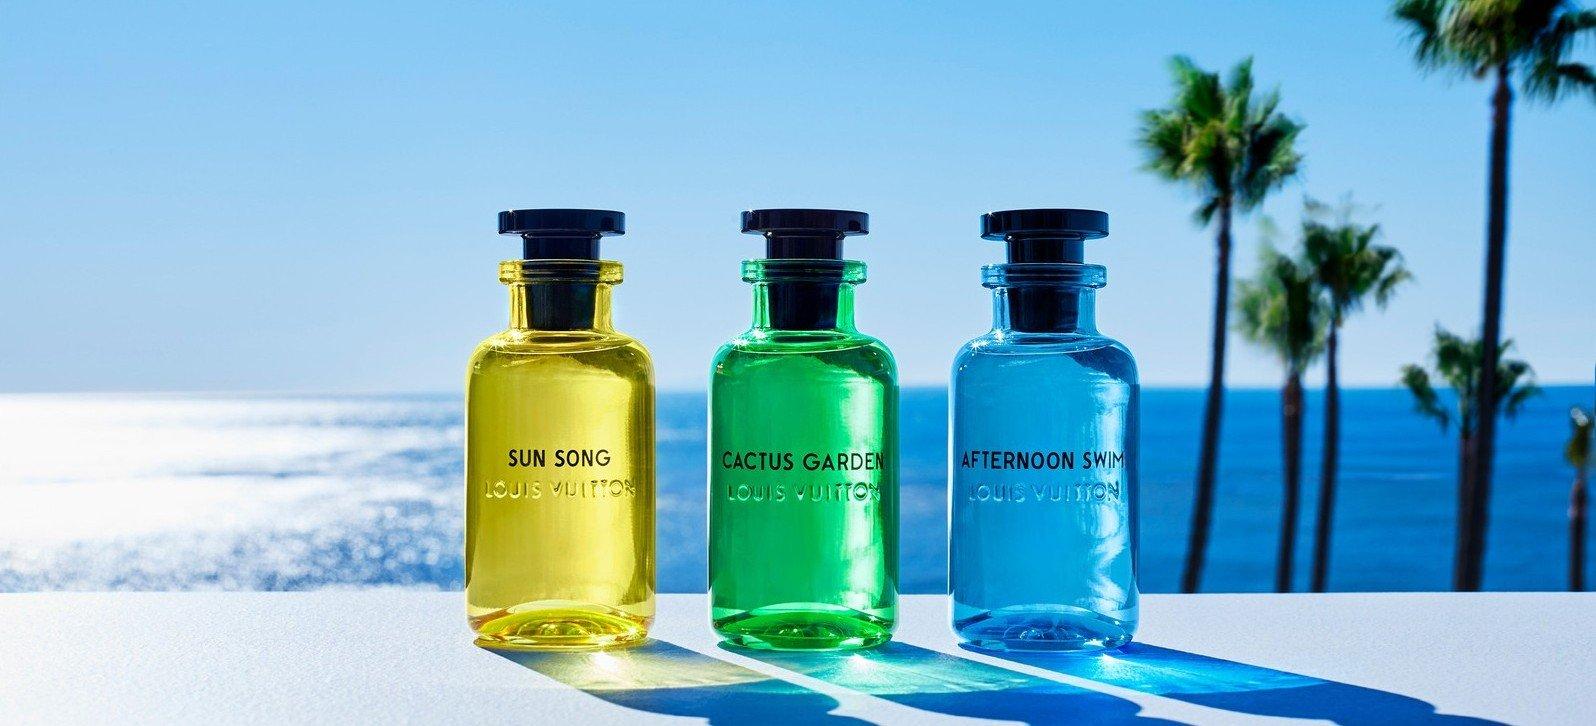 Los nuevos perfumes de Louis Vuitton te invitan a un verano eterno